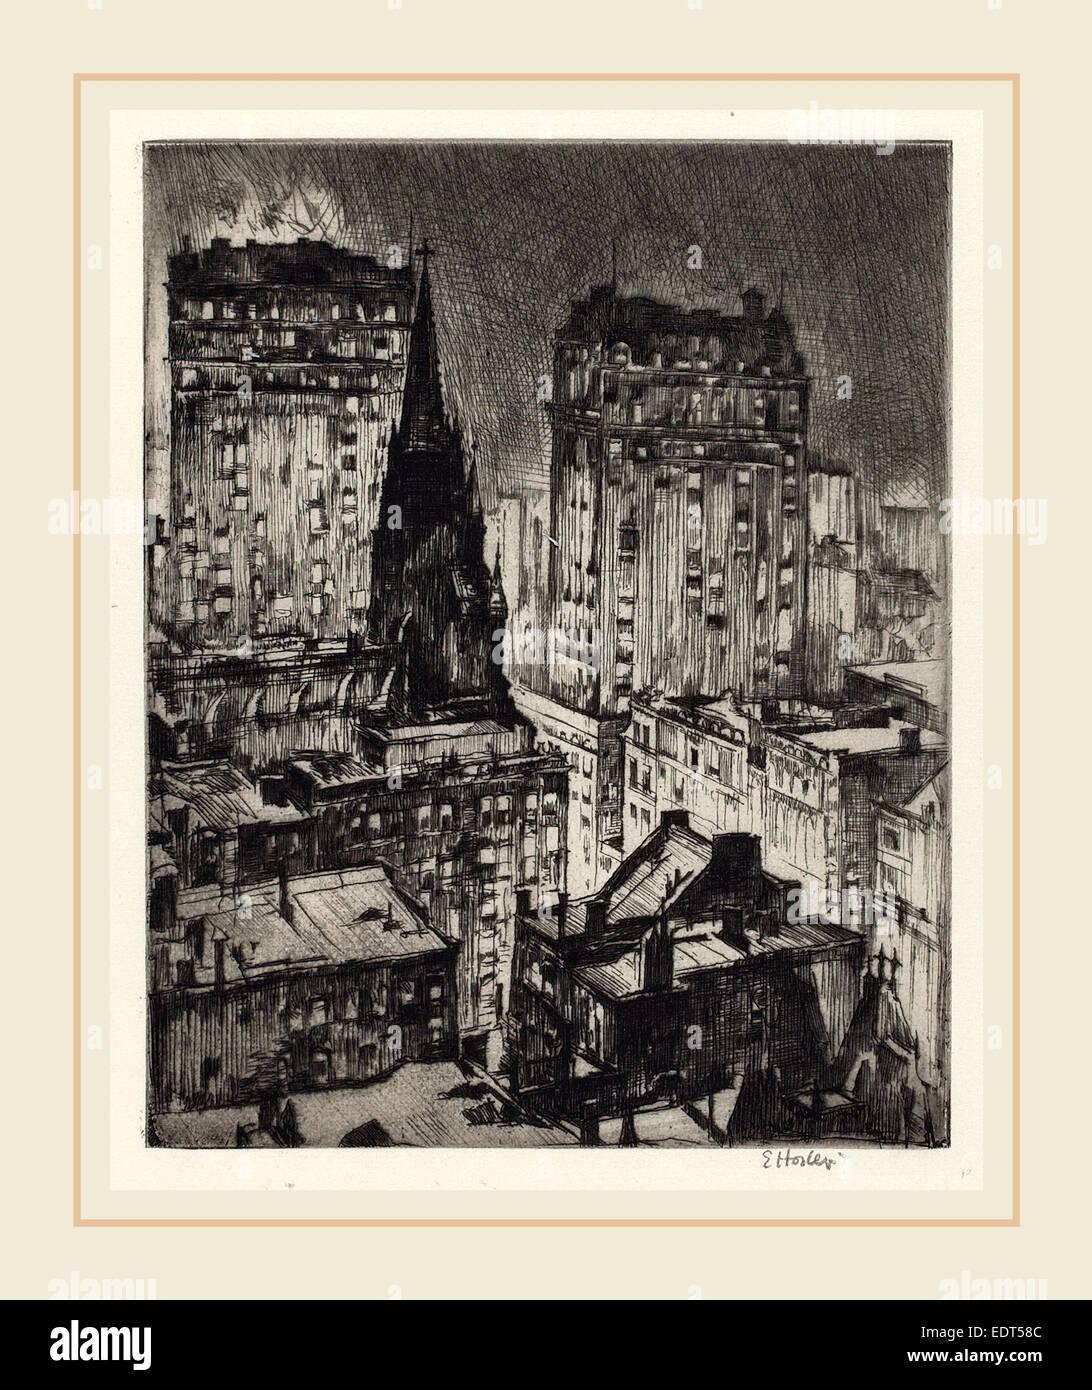 Earl Horter, la Torre scuro, Americano, 1881-1940, 1919, attacco Immagini Stock